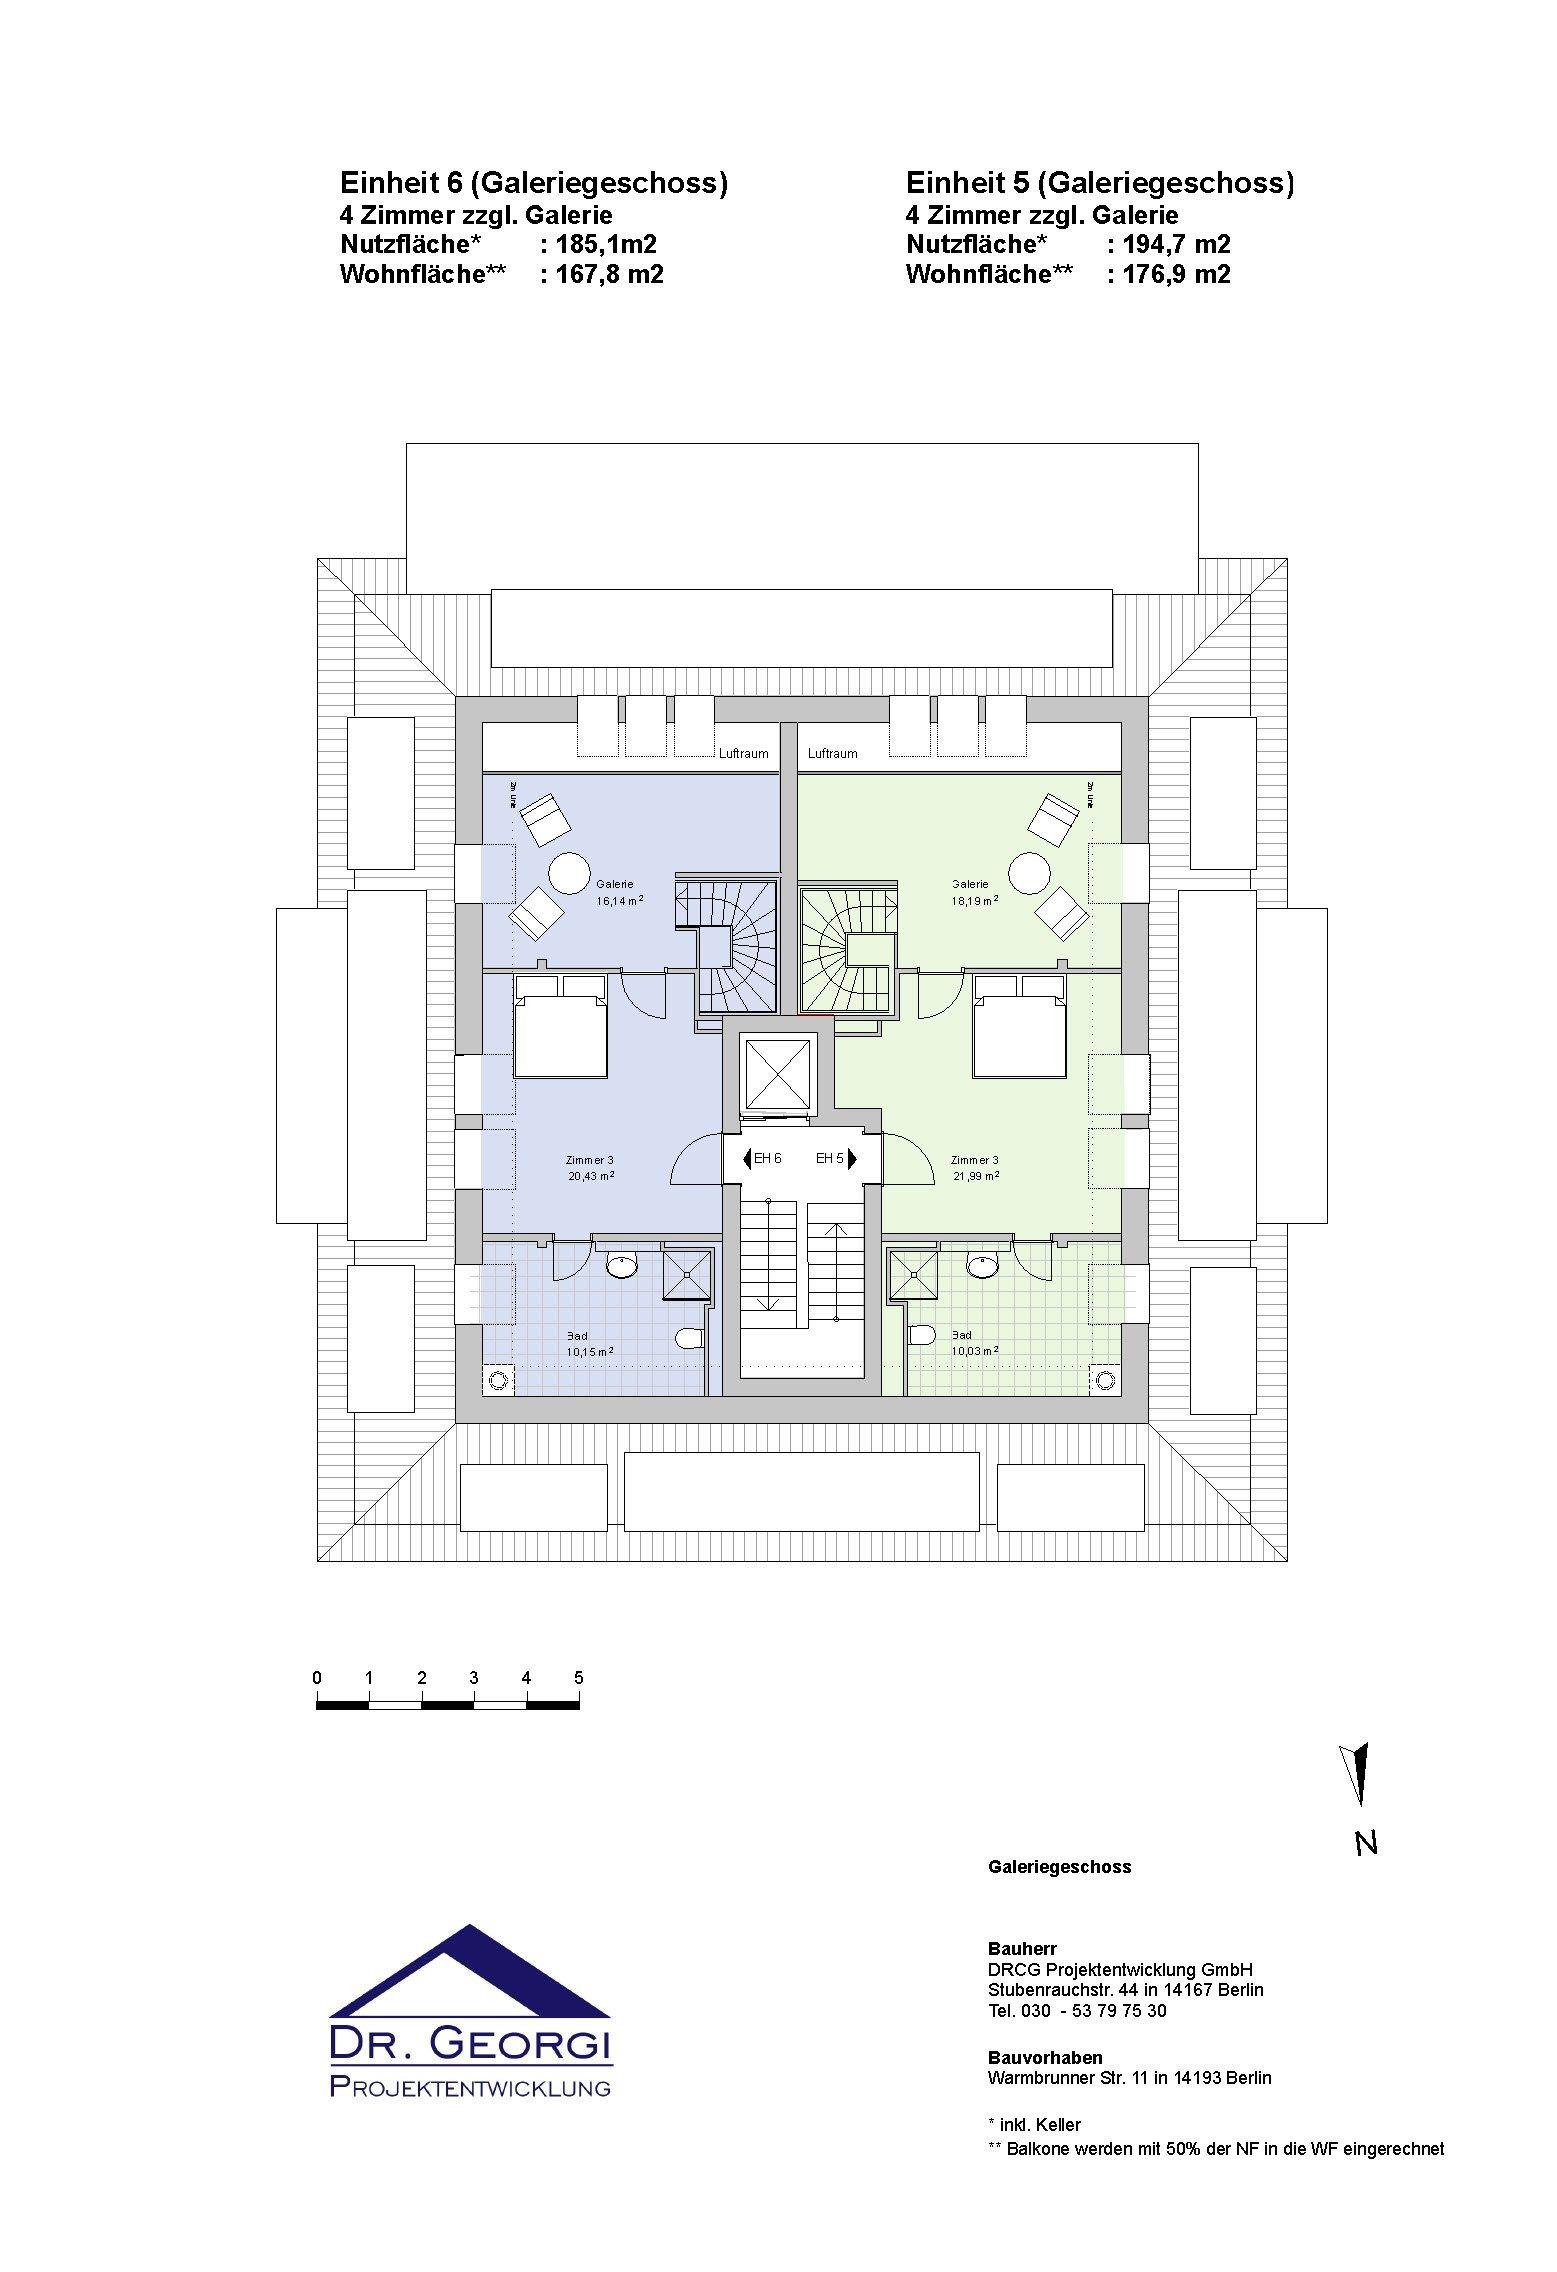 Noch eine wohnung verf gbar wohnbauten berlin dr for Grundrisse villa neubau